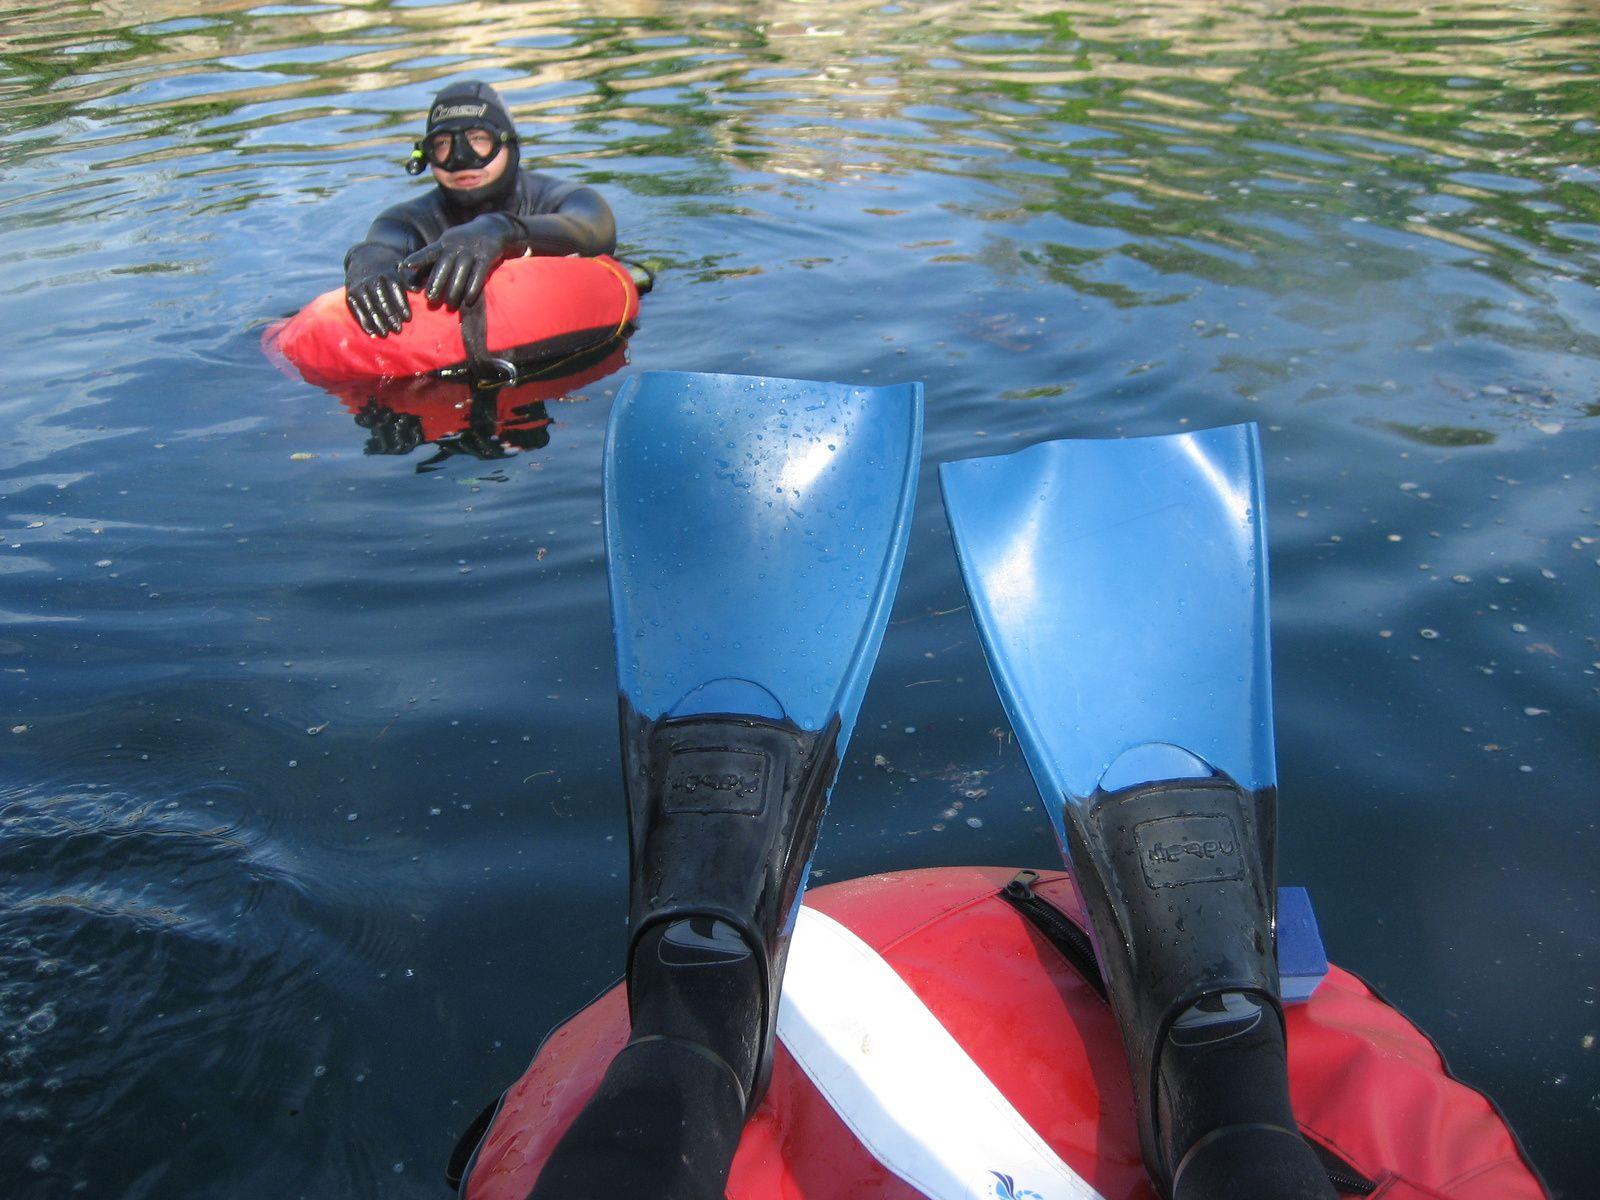 Je suis le premier à l'eau! On voit aussi les palmes que j'ai prêtées à Feli pour l'occasion :D.